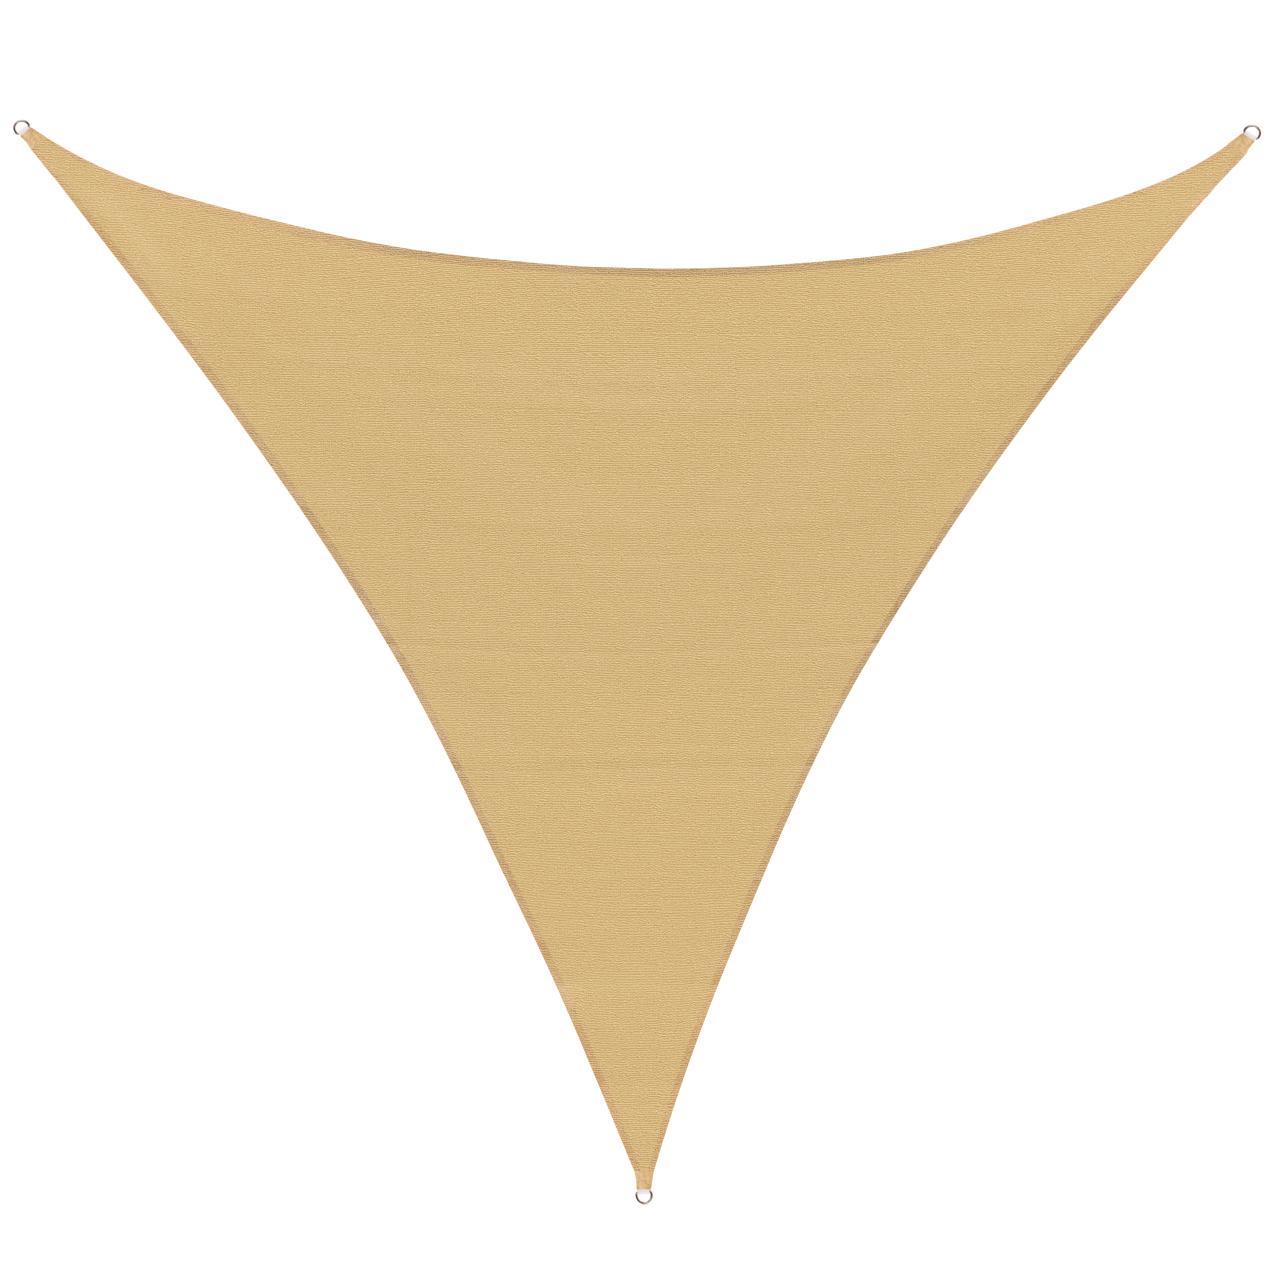 sonnensegel sonnenschutz garten sonnendach uv schutz beschattung dreieck. Black Bedroom Furniture Sets. Home Design Ideas